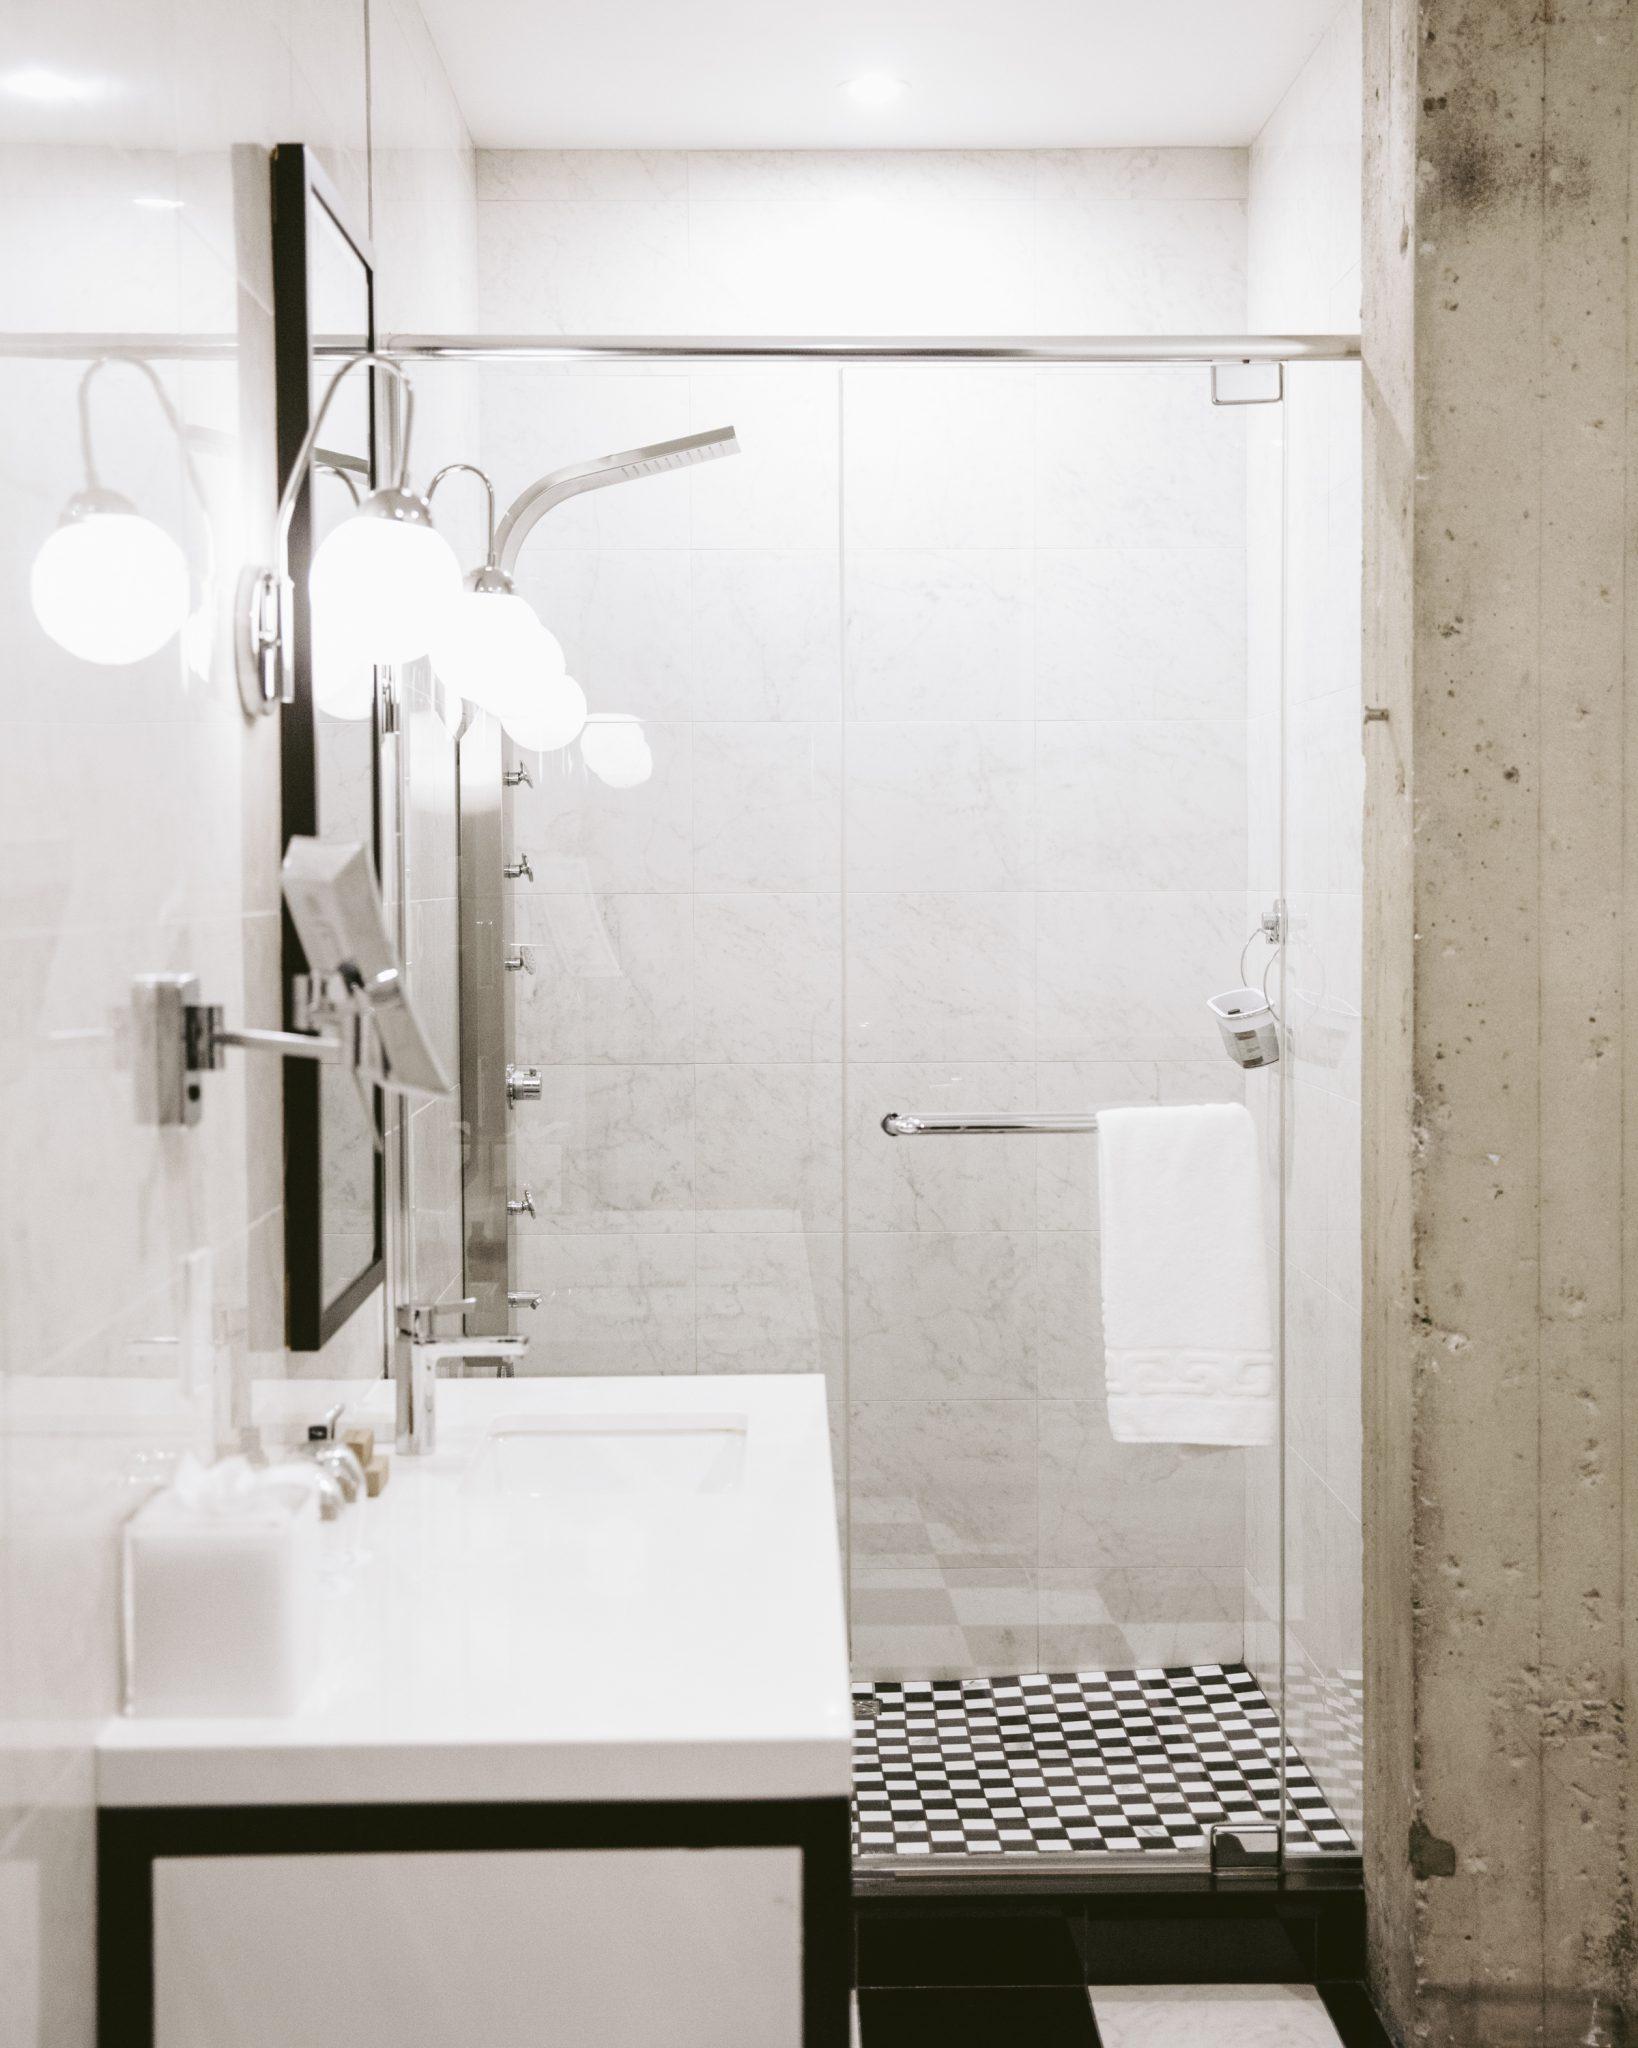 Salle de bain des chambres Deluxe de l'Hôtel Place d'Armes